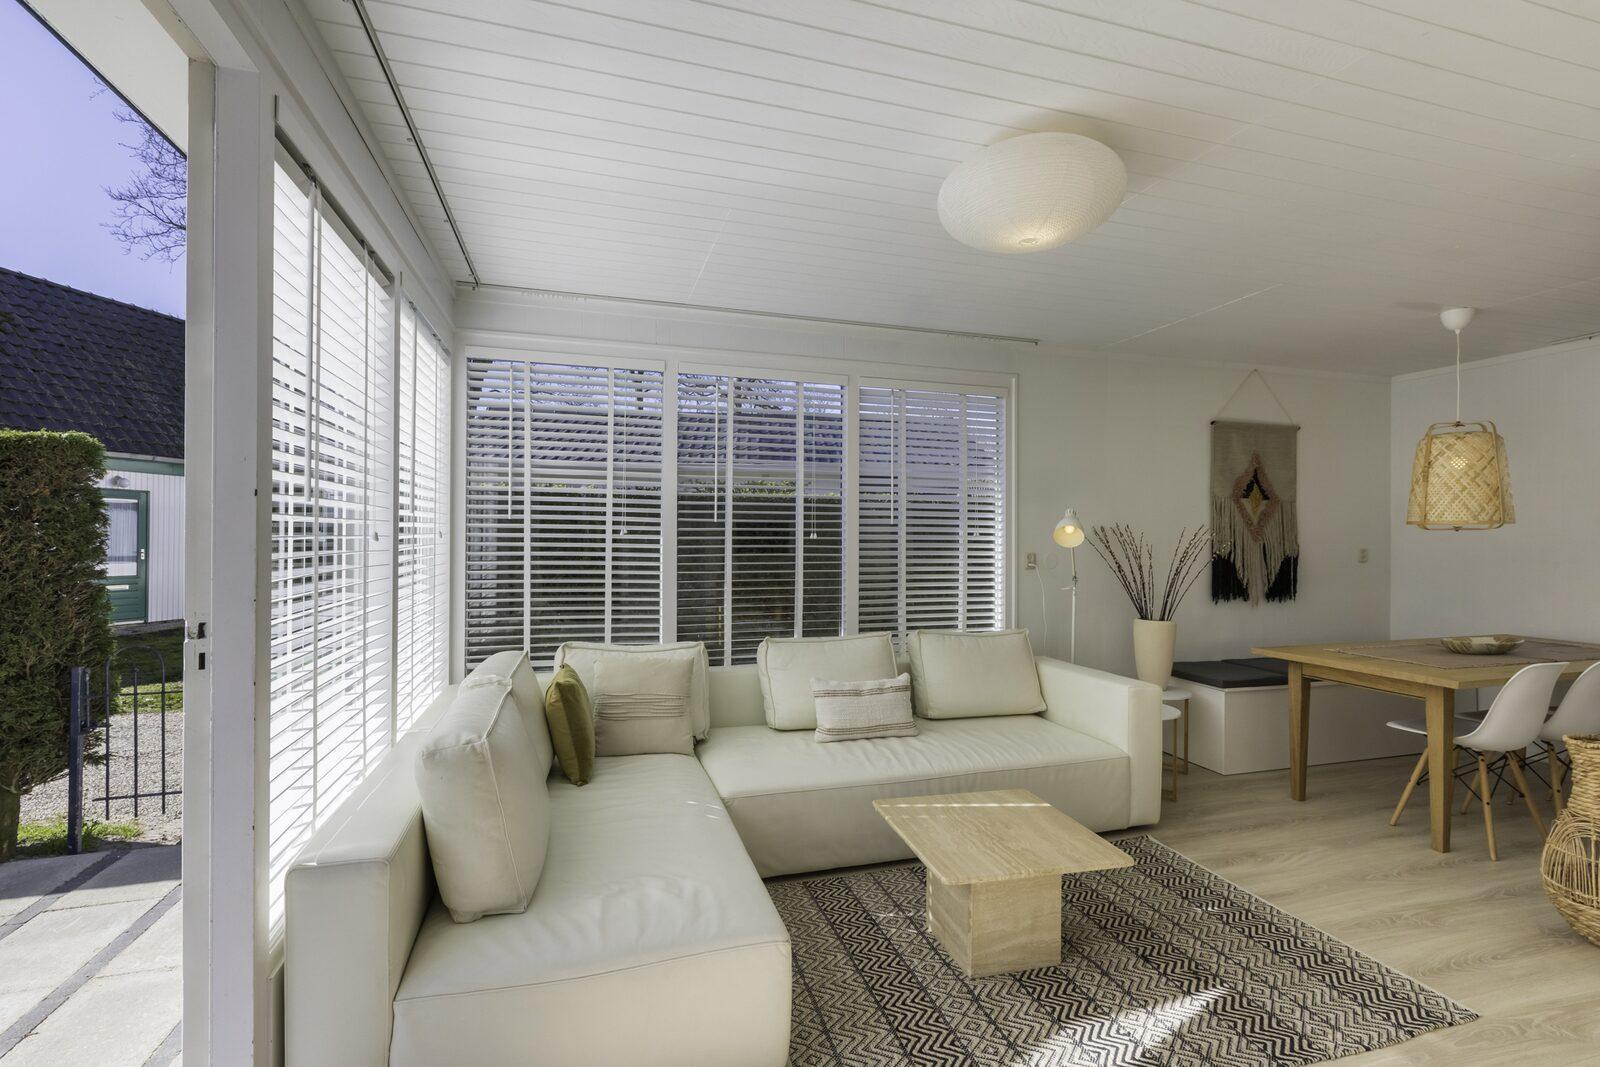 Ferienhaus für 6 Personen ca 60 m² in Zoutelande Zeeland Küste von Zeeland